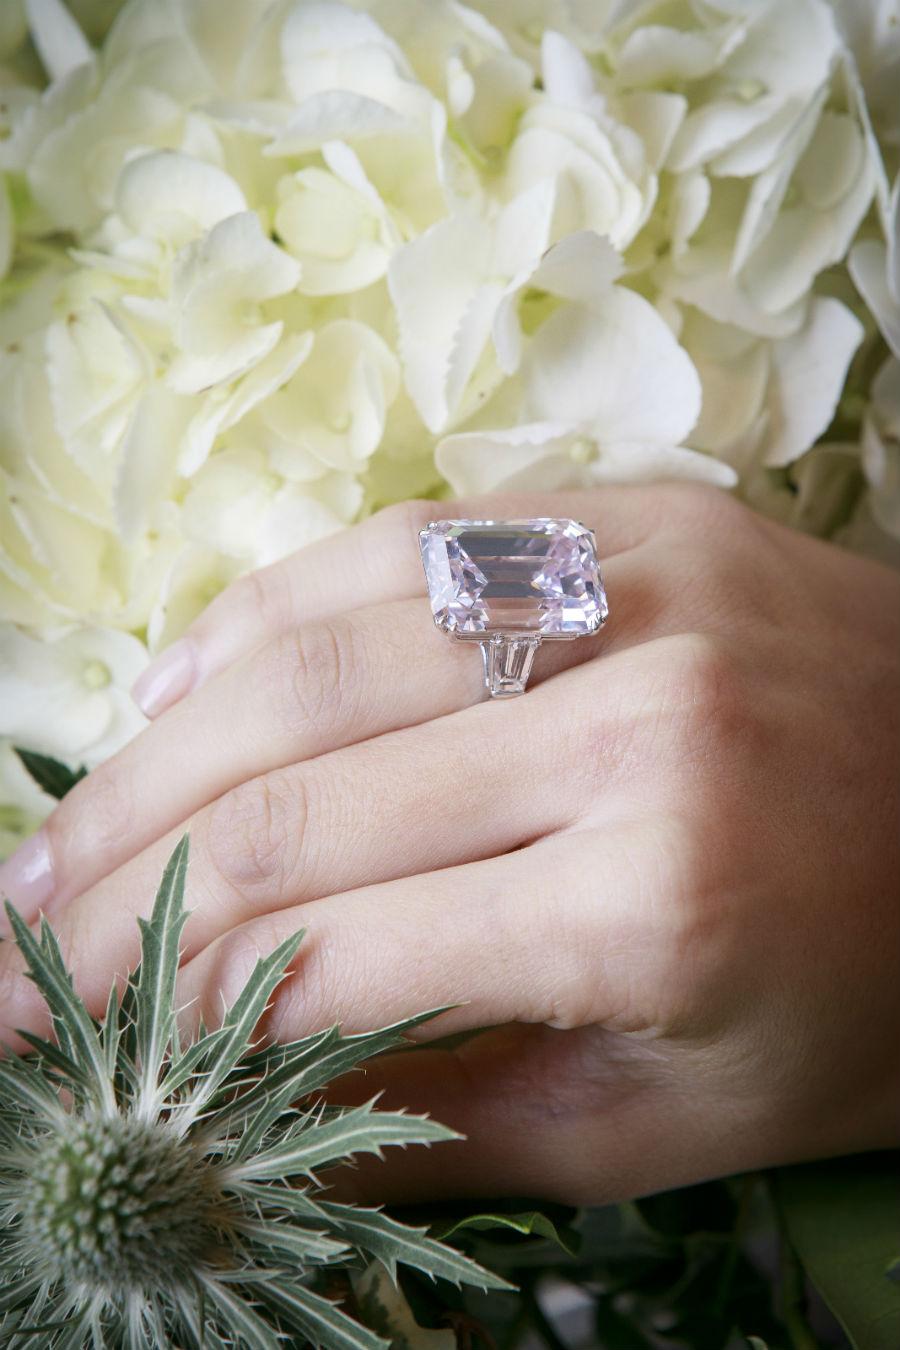 Diamante montato su anello, Lotto 356 - Harry Winston, circa 1970 – Diamante Fancy light pink taglio a gradini (33.63 cts), VVS1, IIa. Venduto per 12'818'240$.